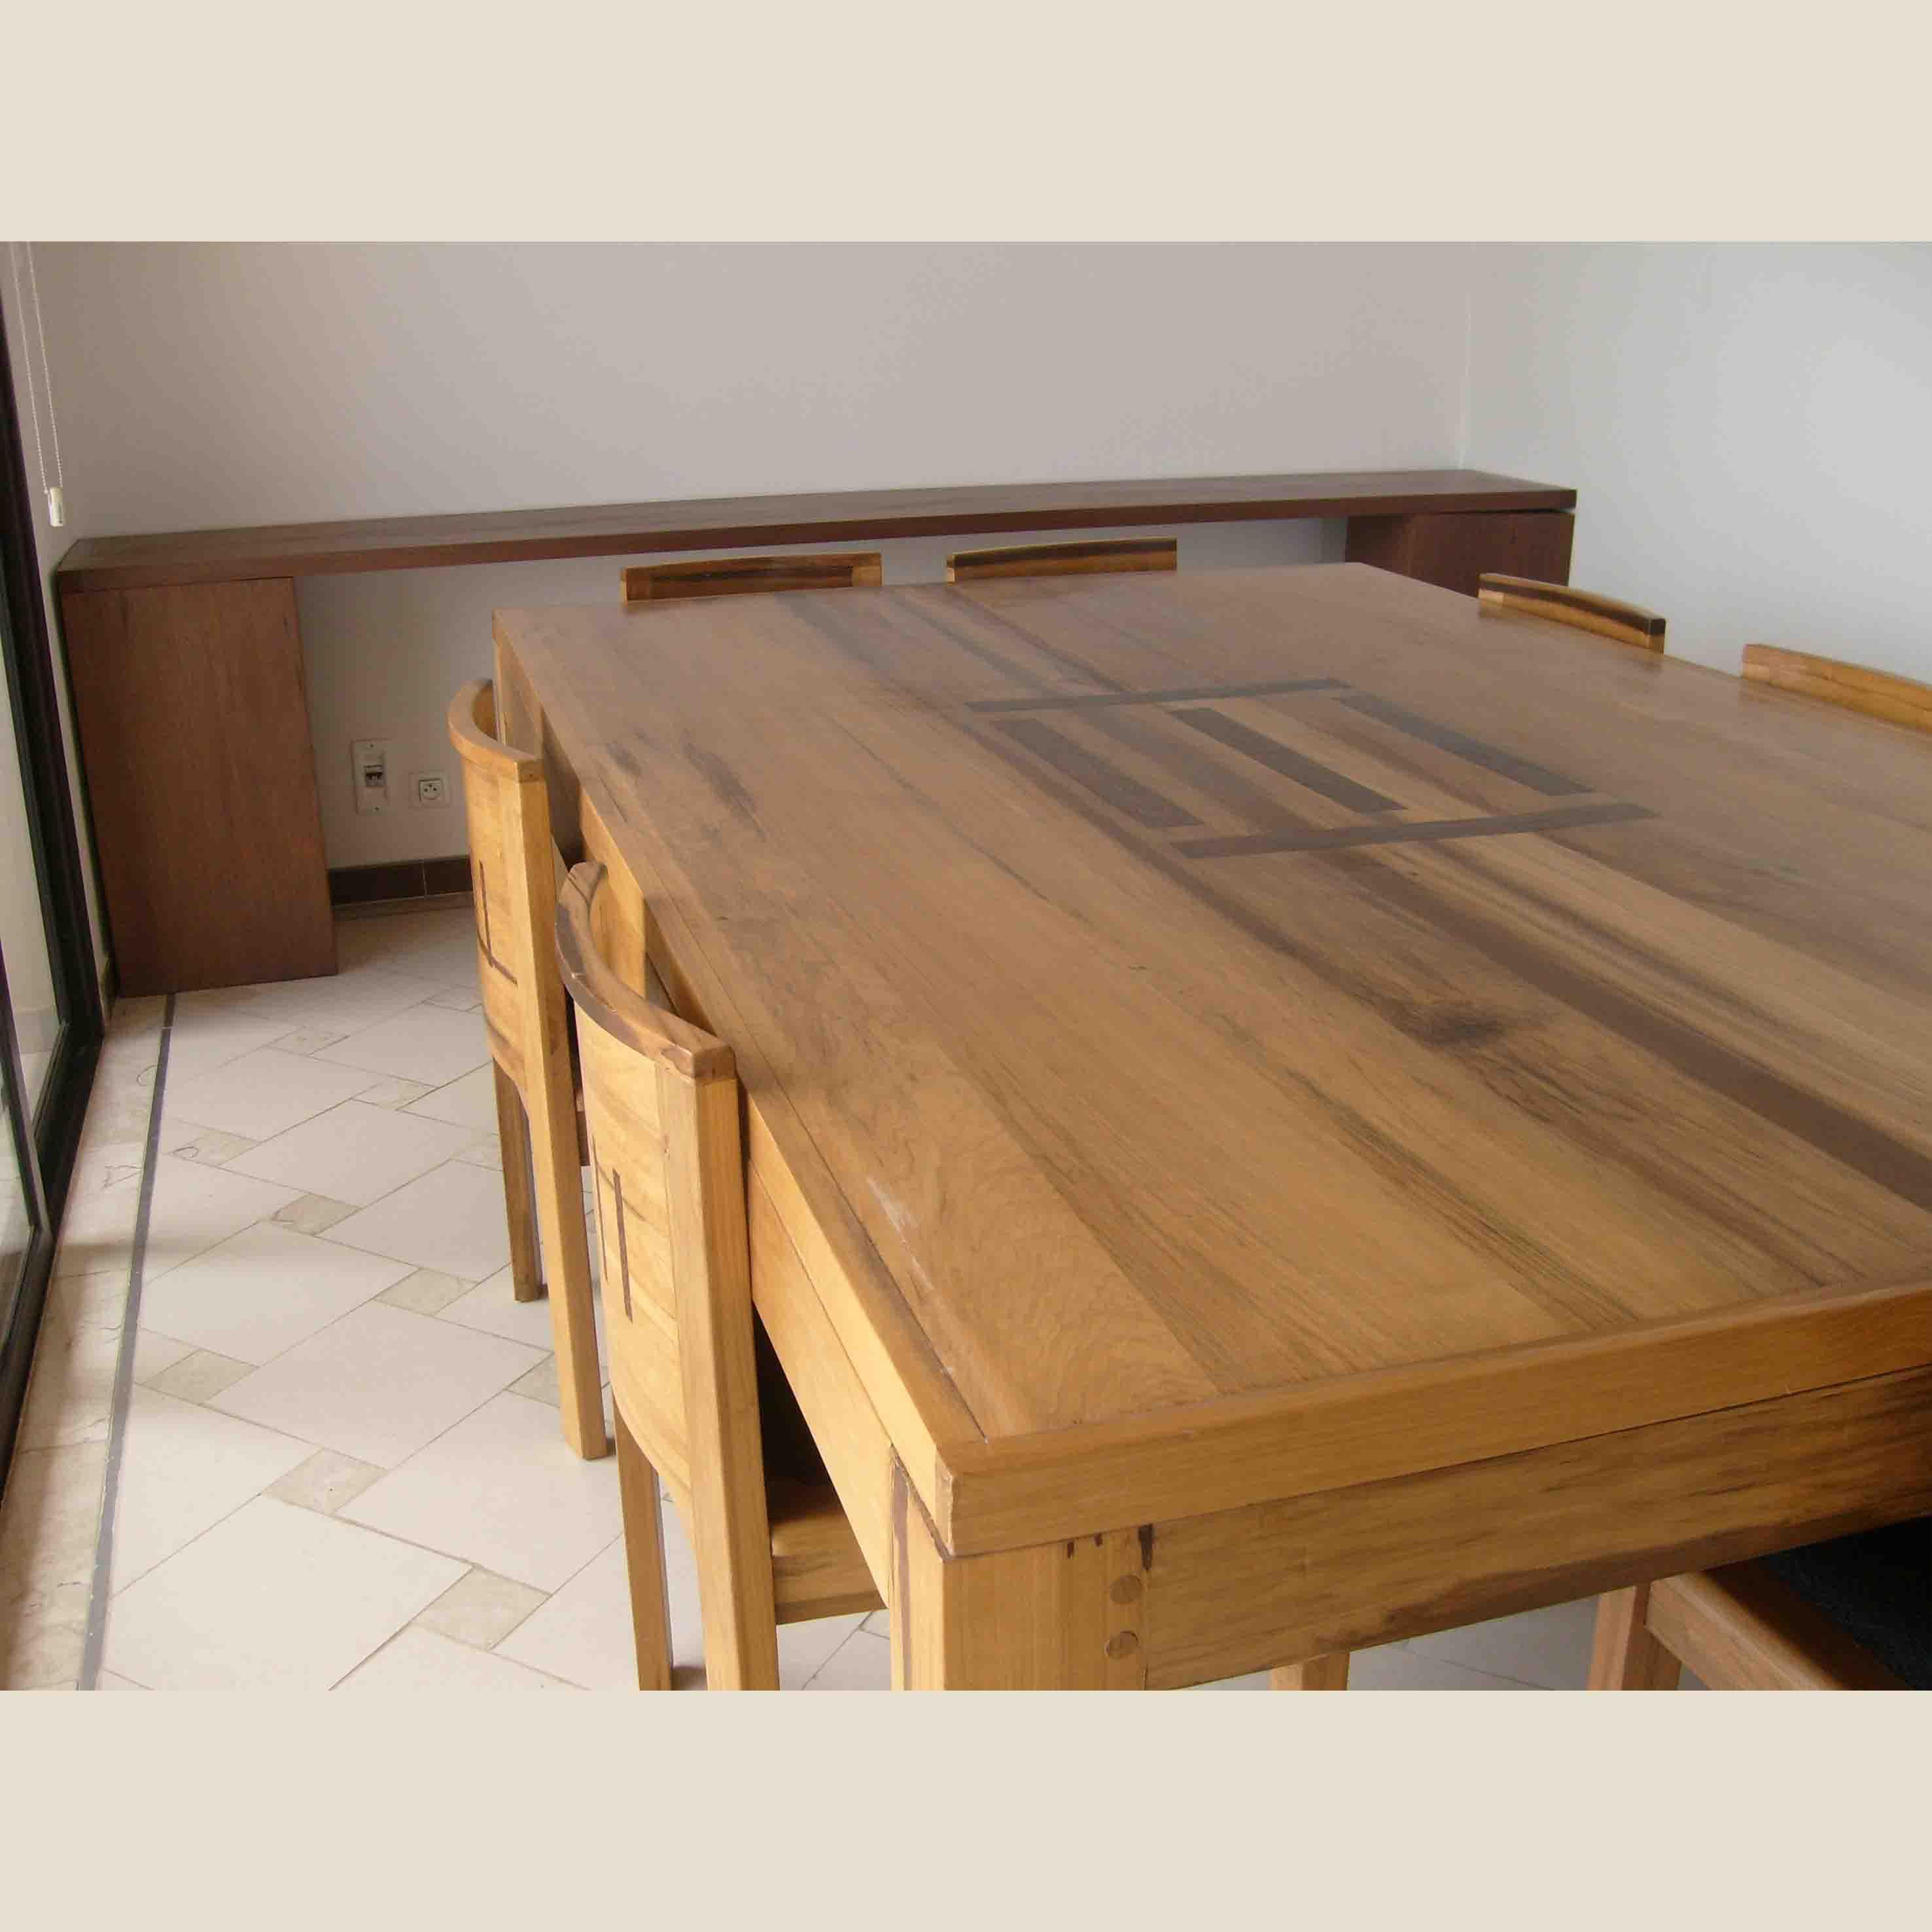 table bénédicte en bois bétéet ronier, fauteuils guédel